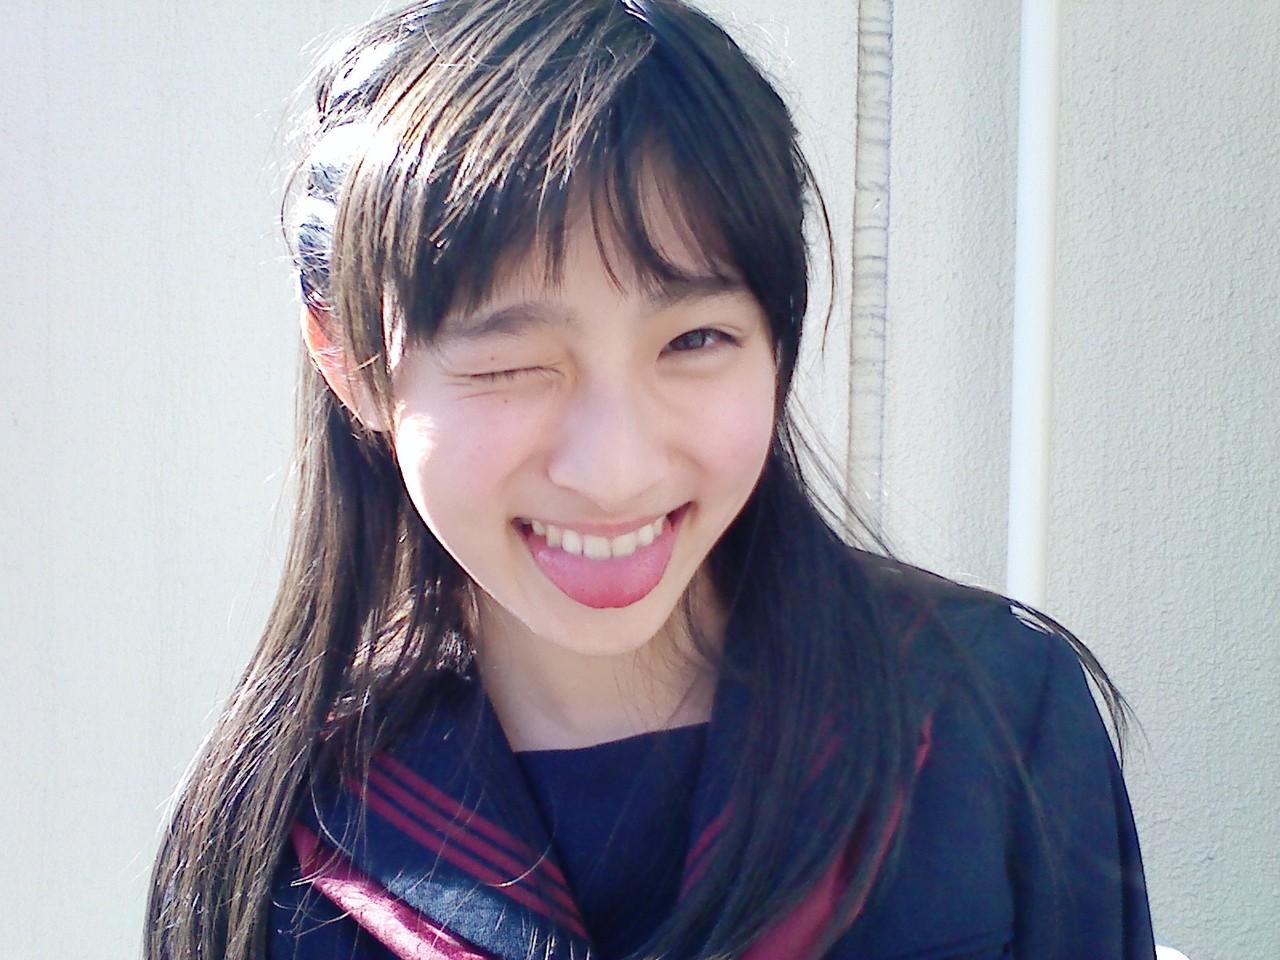 キレイに成長したと評判♪吉田里琴ちゃんの現在が知りたい!のサムネイル画像